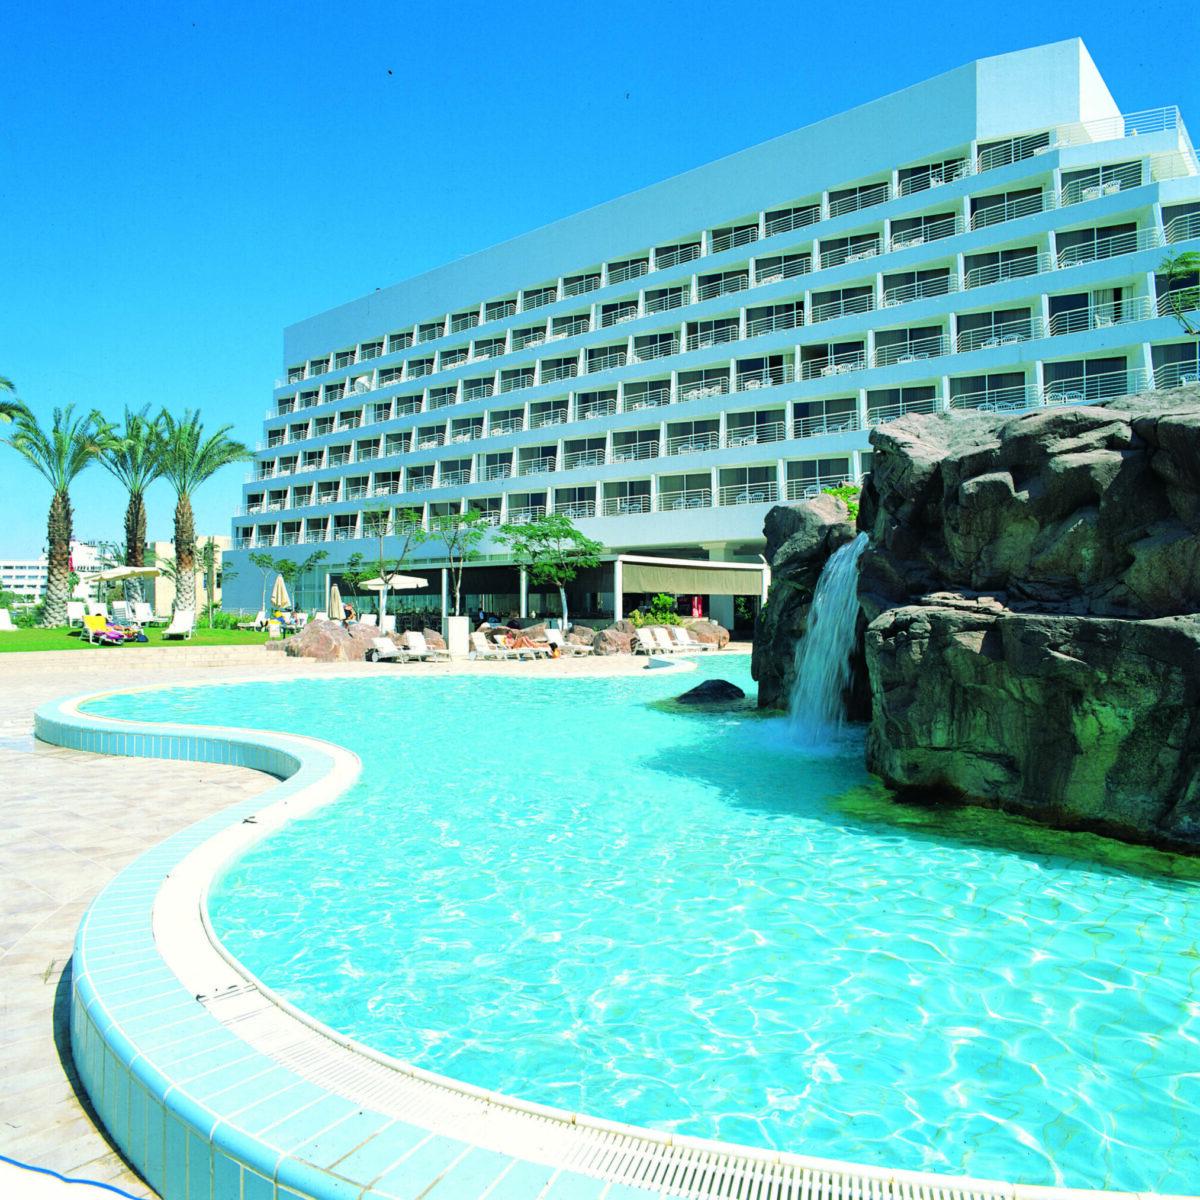 SHERATON MORIA HOTEL EILAT